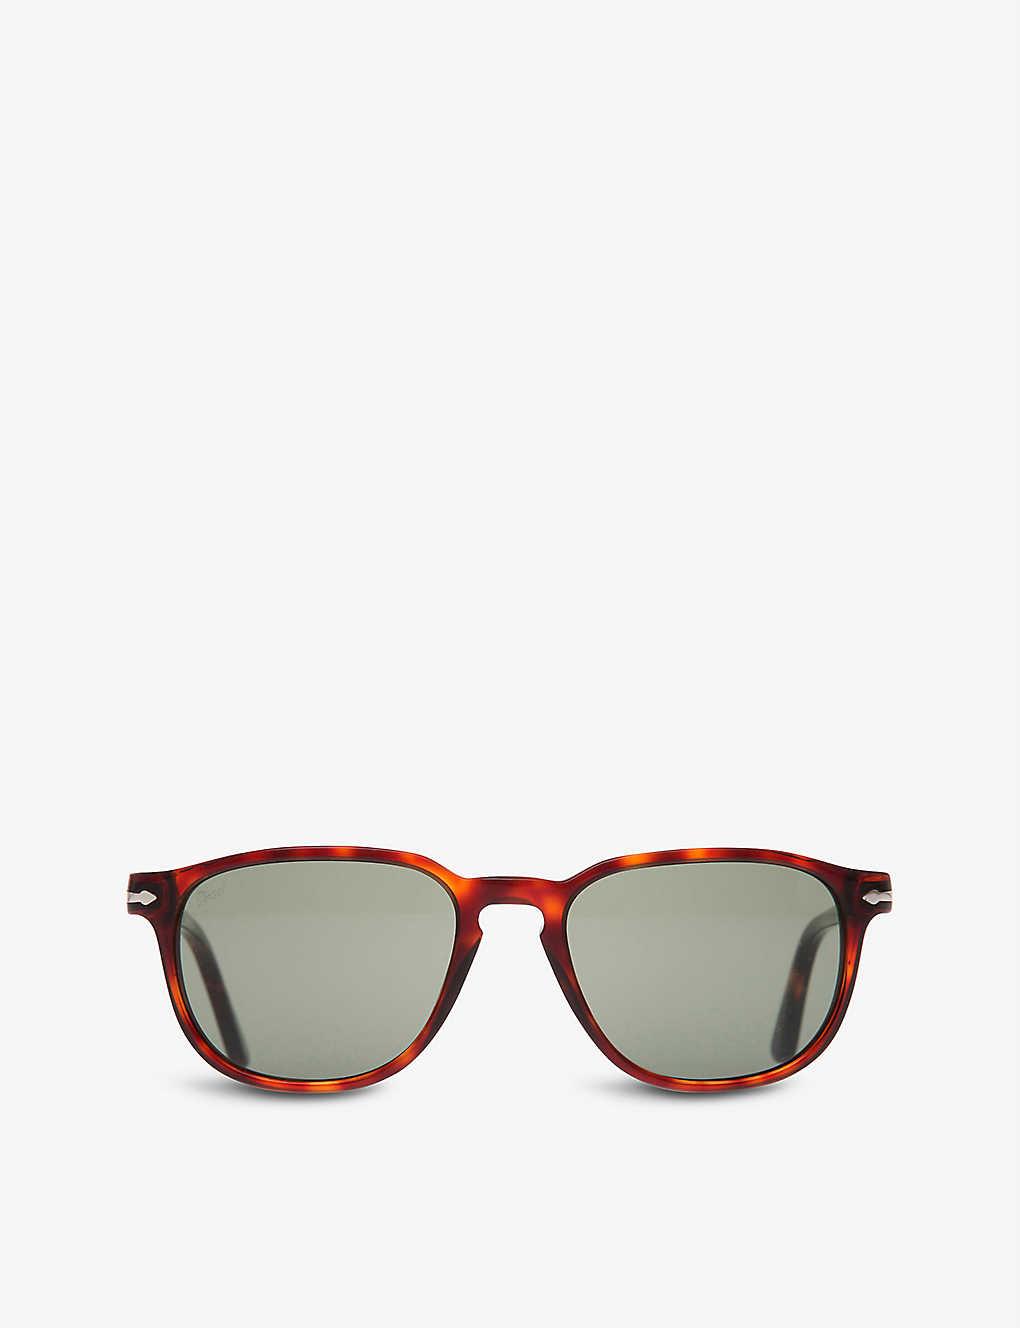 67ef75314d PERSOL - Suprema tortoiseshell round-frame sunglasses